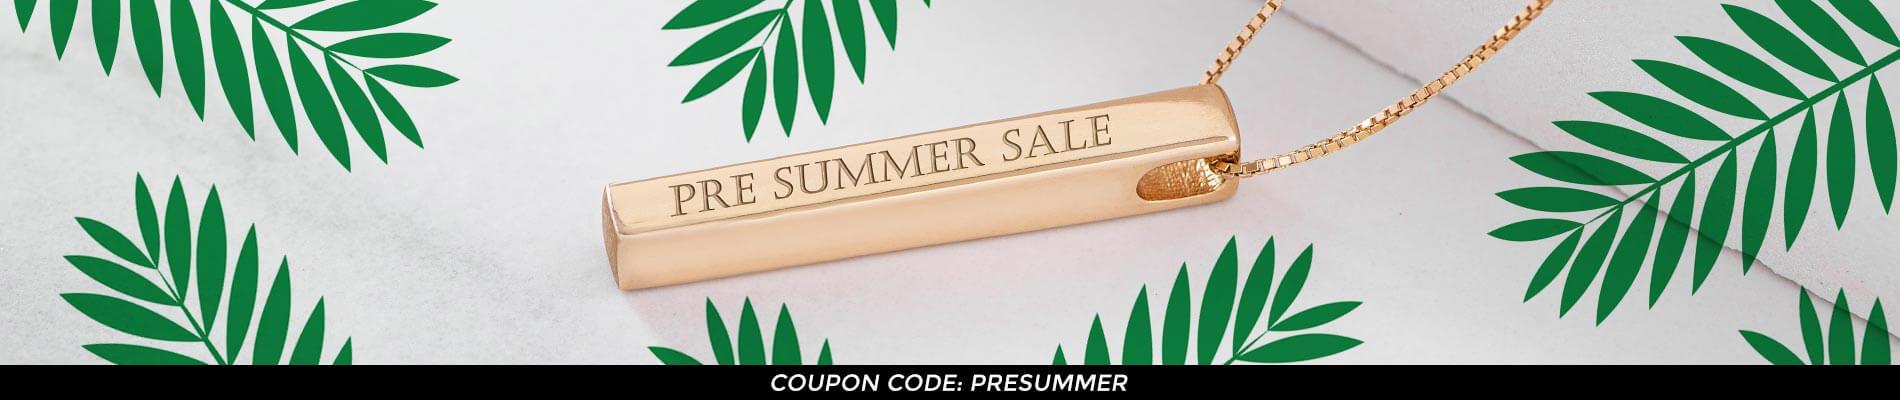 Pre Summer Sale 10.06 Top banner desktop